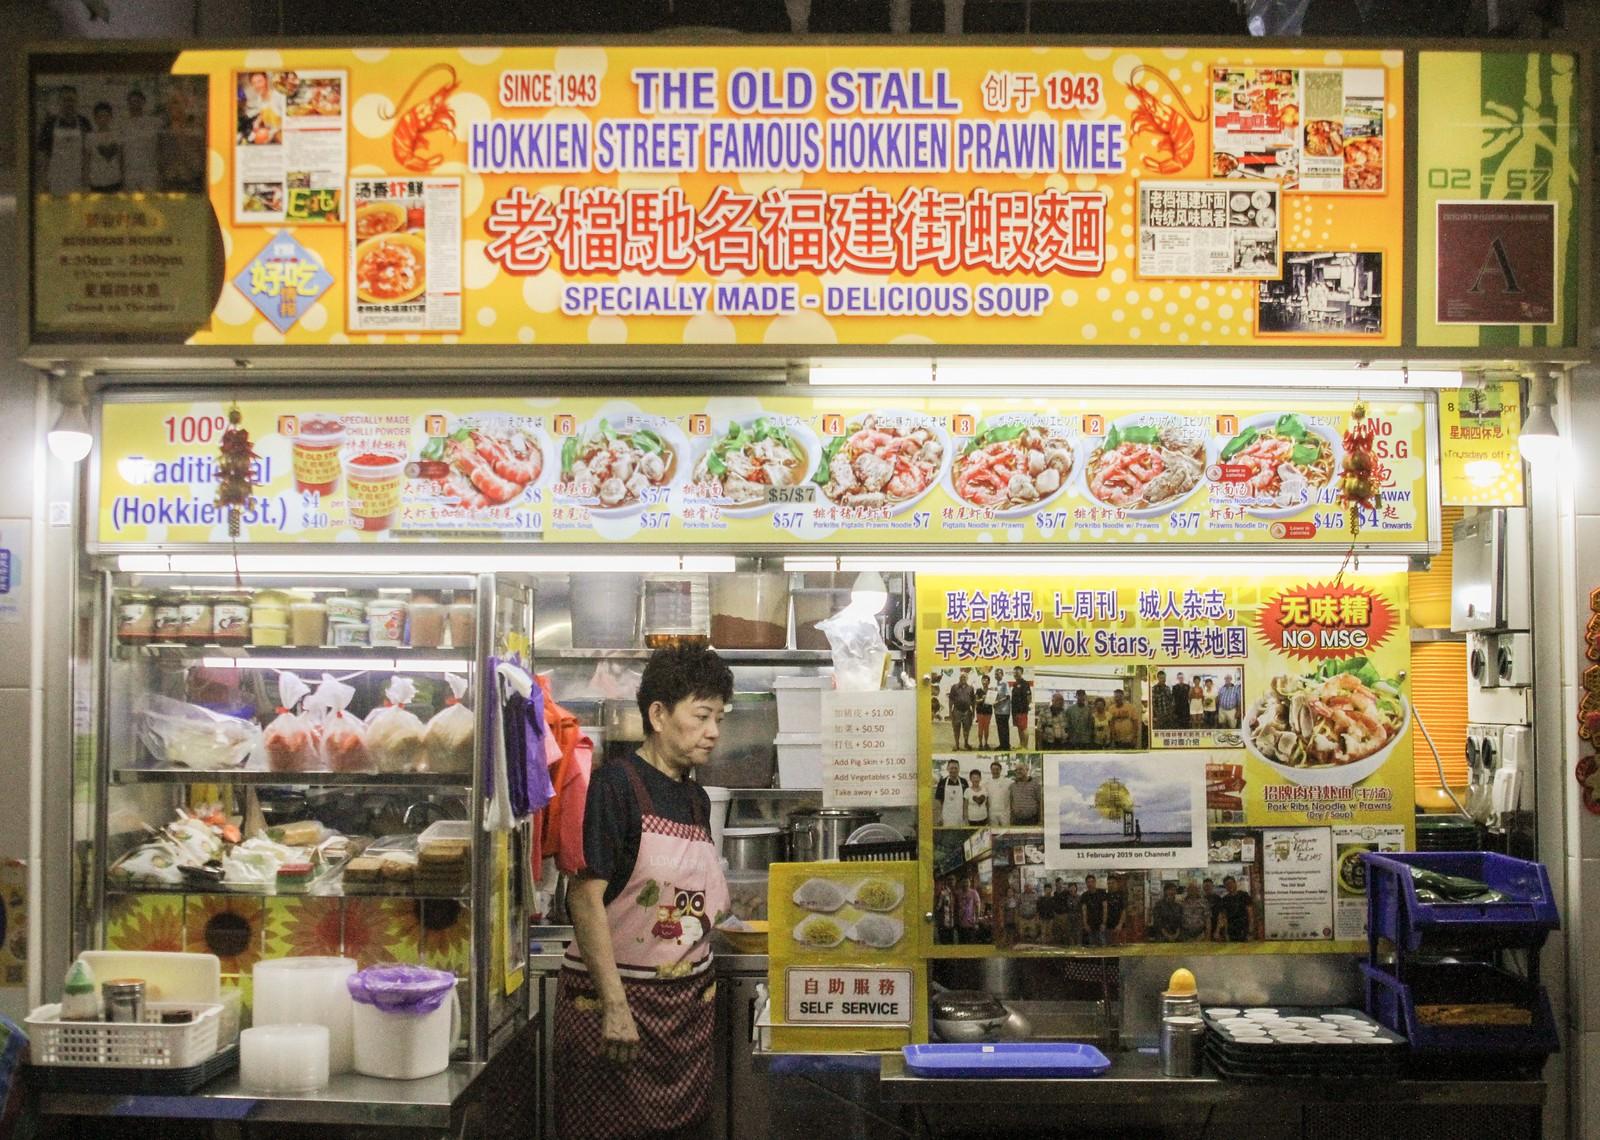 Hong Lim Old Prawn Noodles